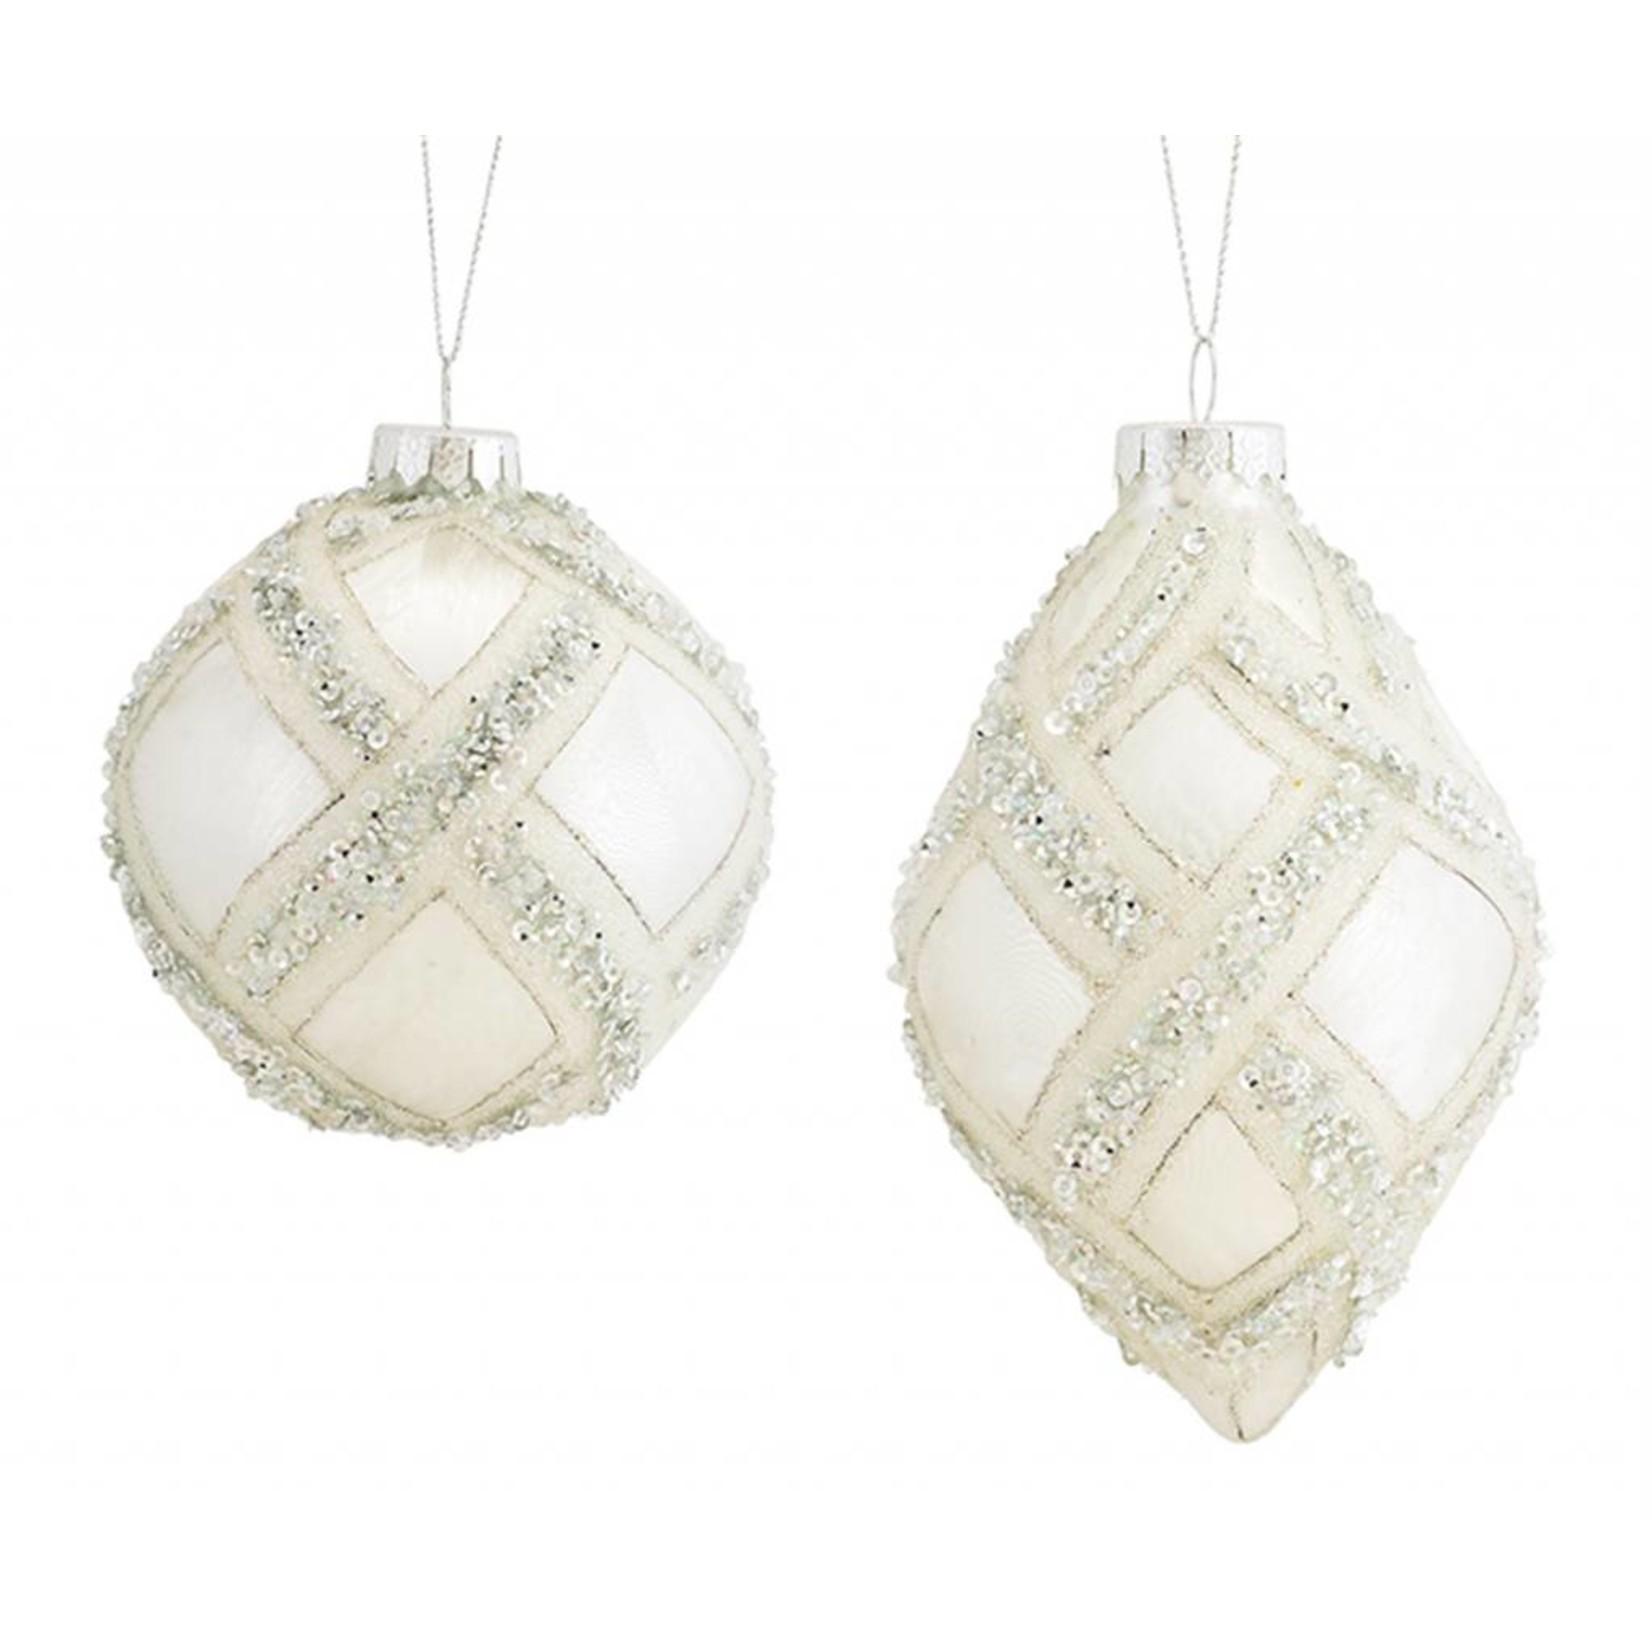 """Ball/Drop Ornament (2 Asst) 5.5""""H, 7""""H Glass"""